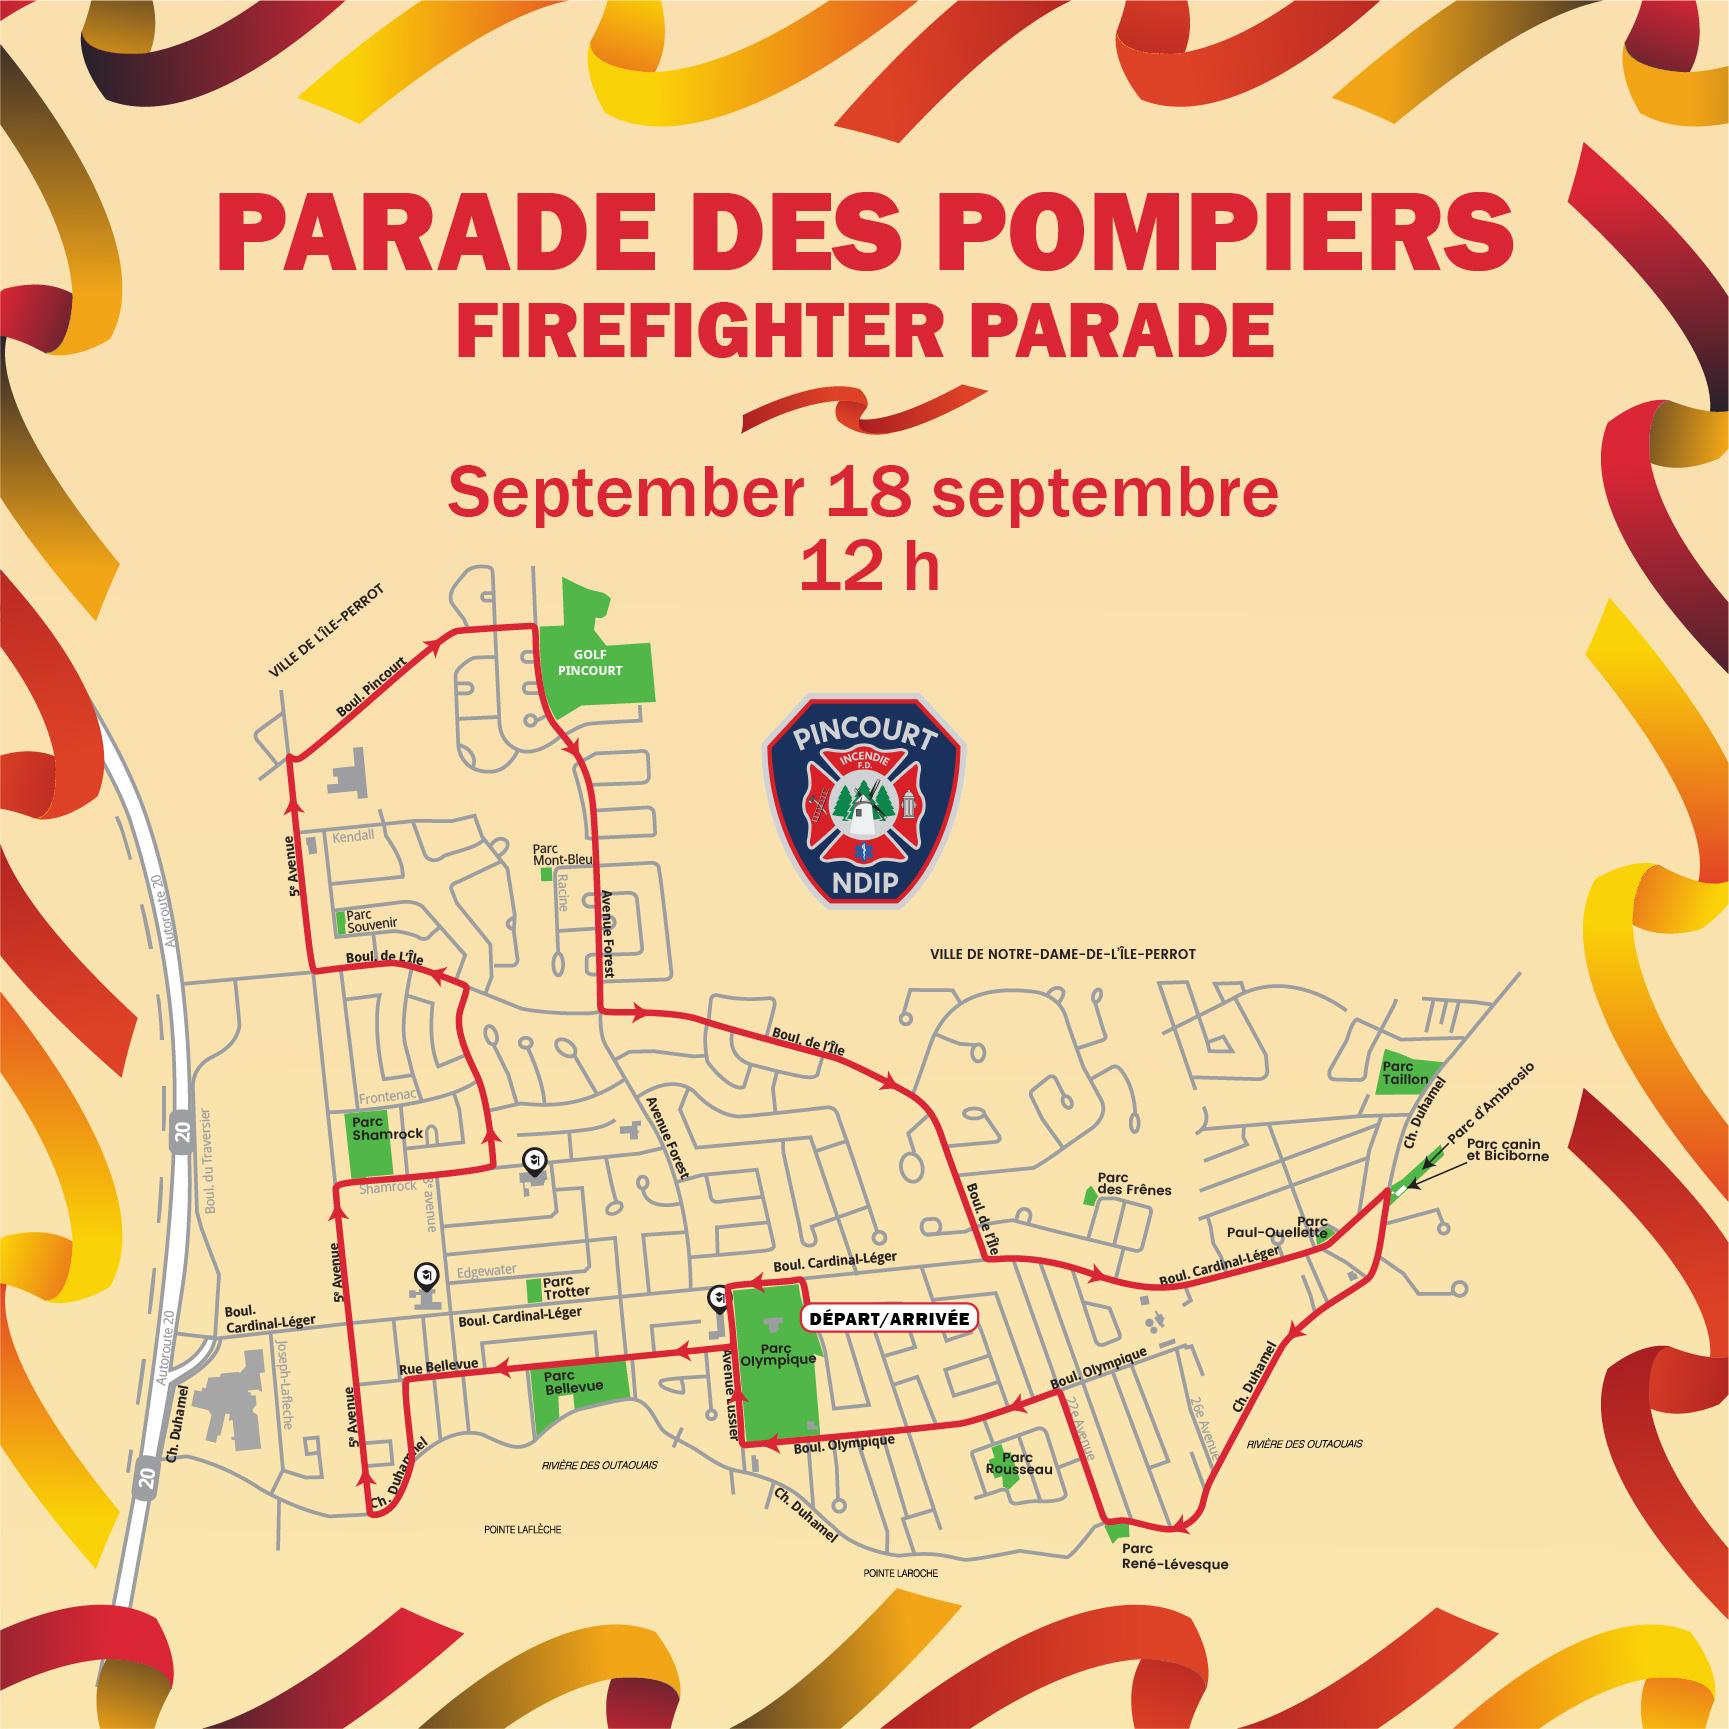 parade-pompiers-2021.png (686 KB)